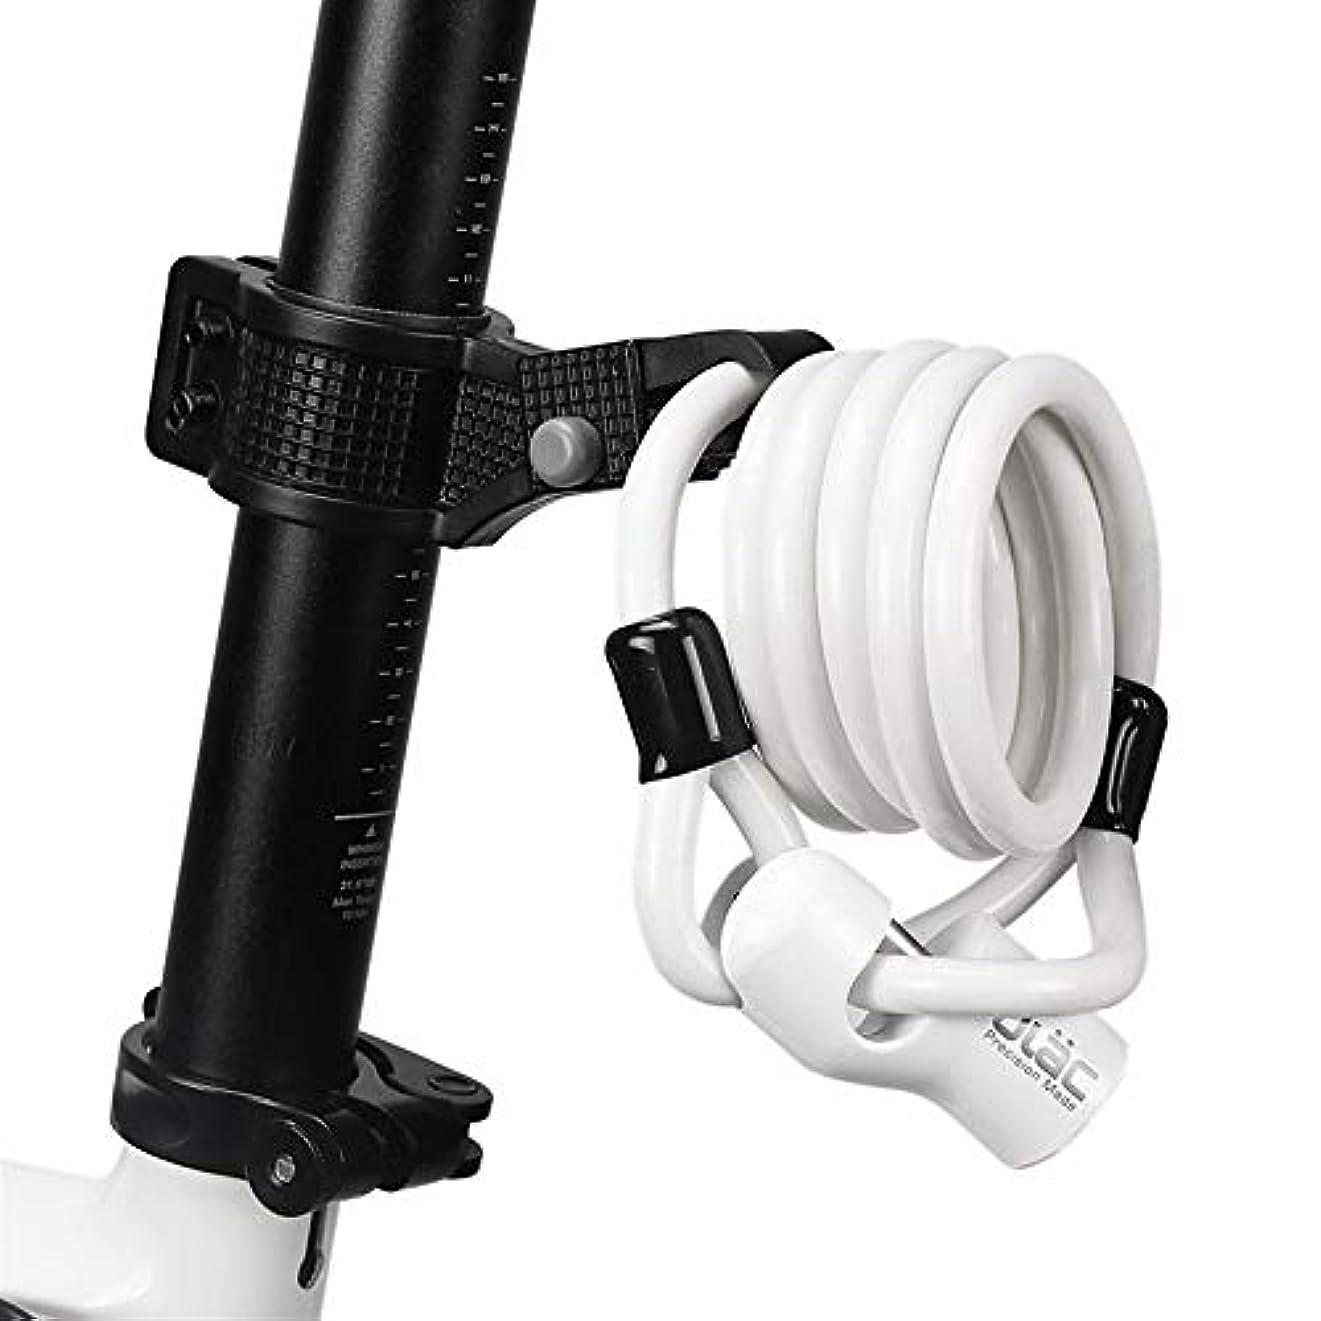 重大違法ロケーションJinshandianliao 自転車用ロック、盗難防止用ロックケーブルロック、複数の自転車用ロックを同時にロック、47インチ (Color : White-47 Inches)